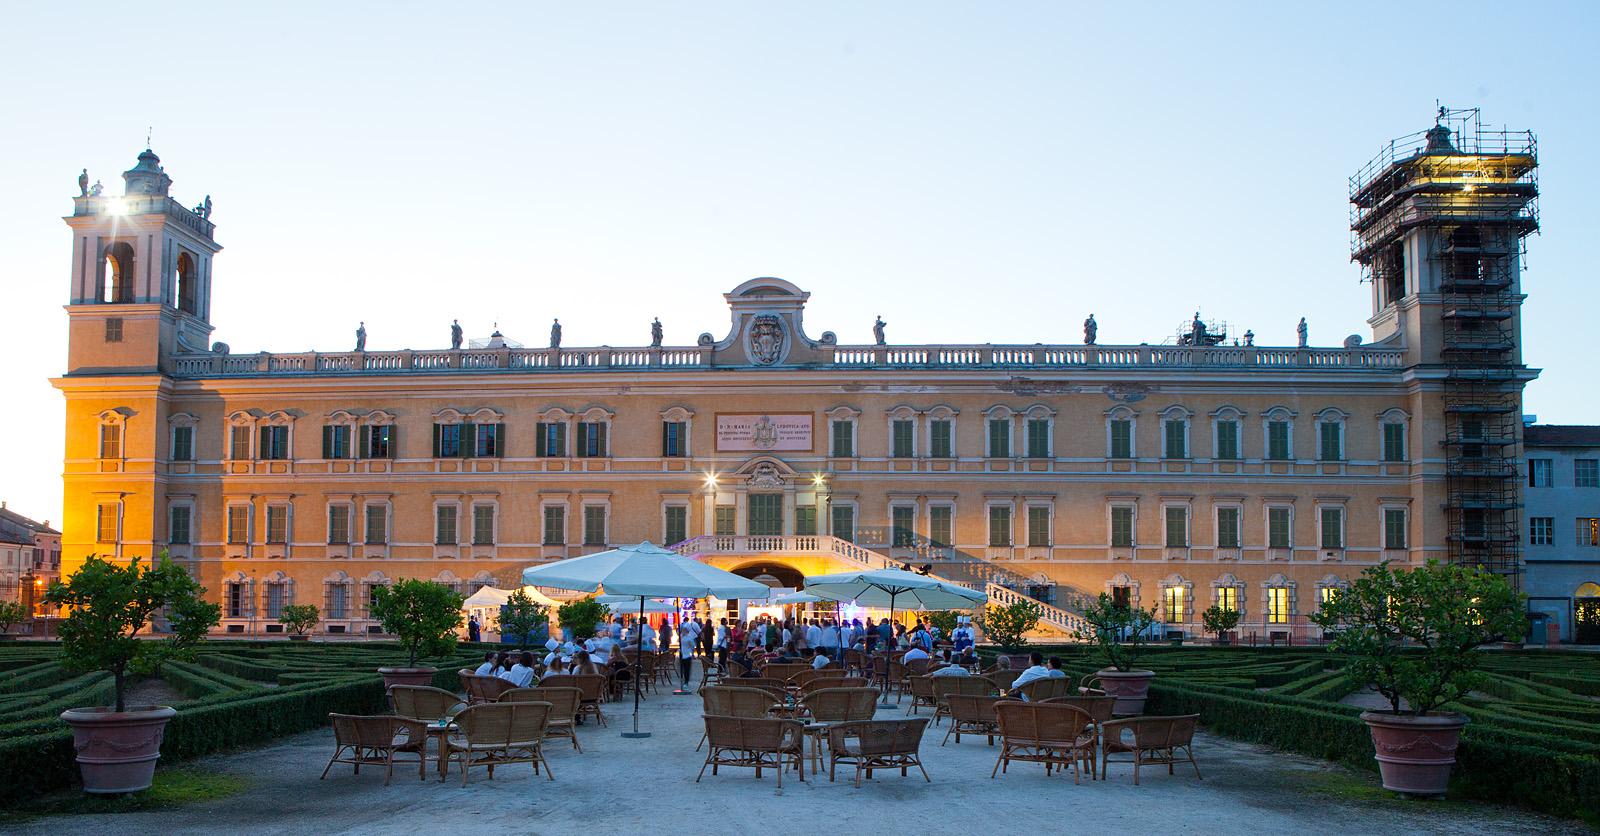 per lottavo anno consecutivo alma la scuola internazionale di cucina italiana apre le porte per una settimana ai 40 migliori diplomati degli istituti